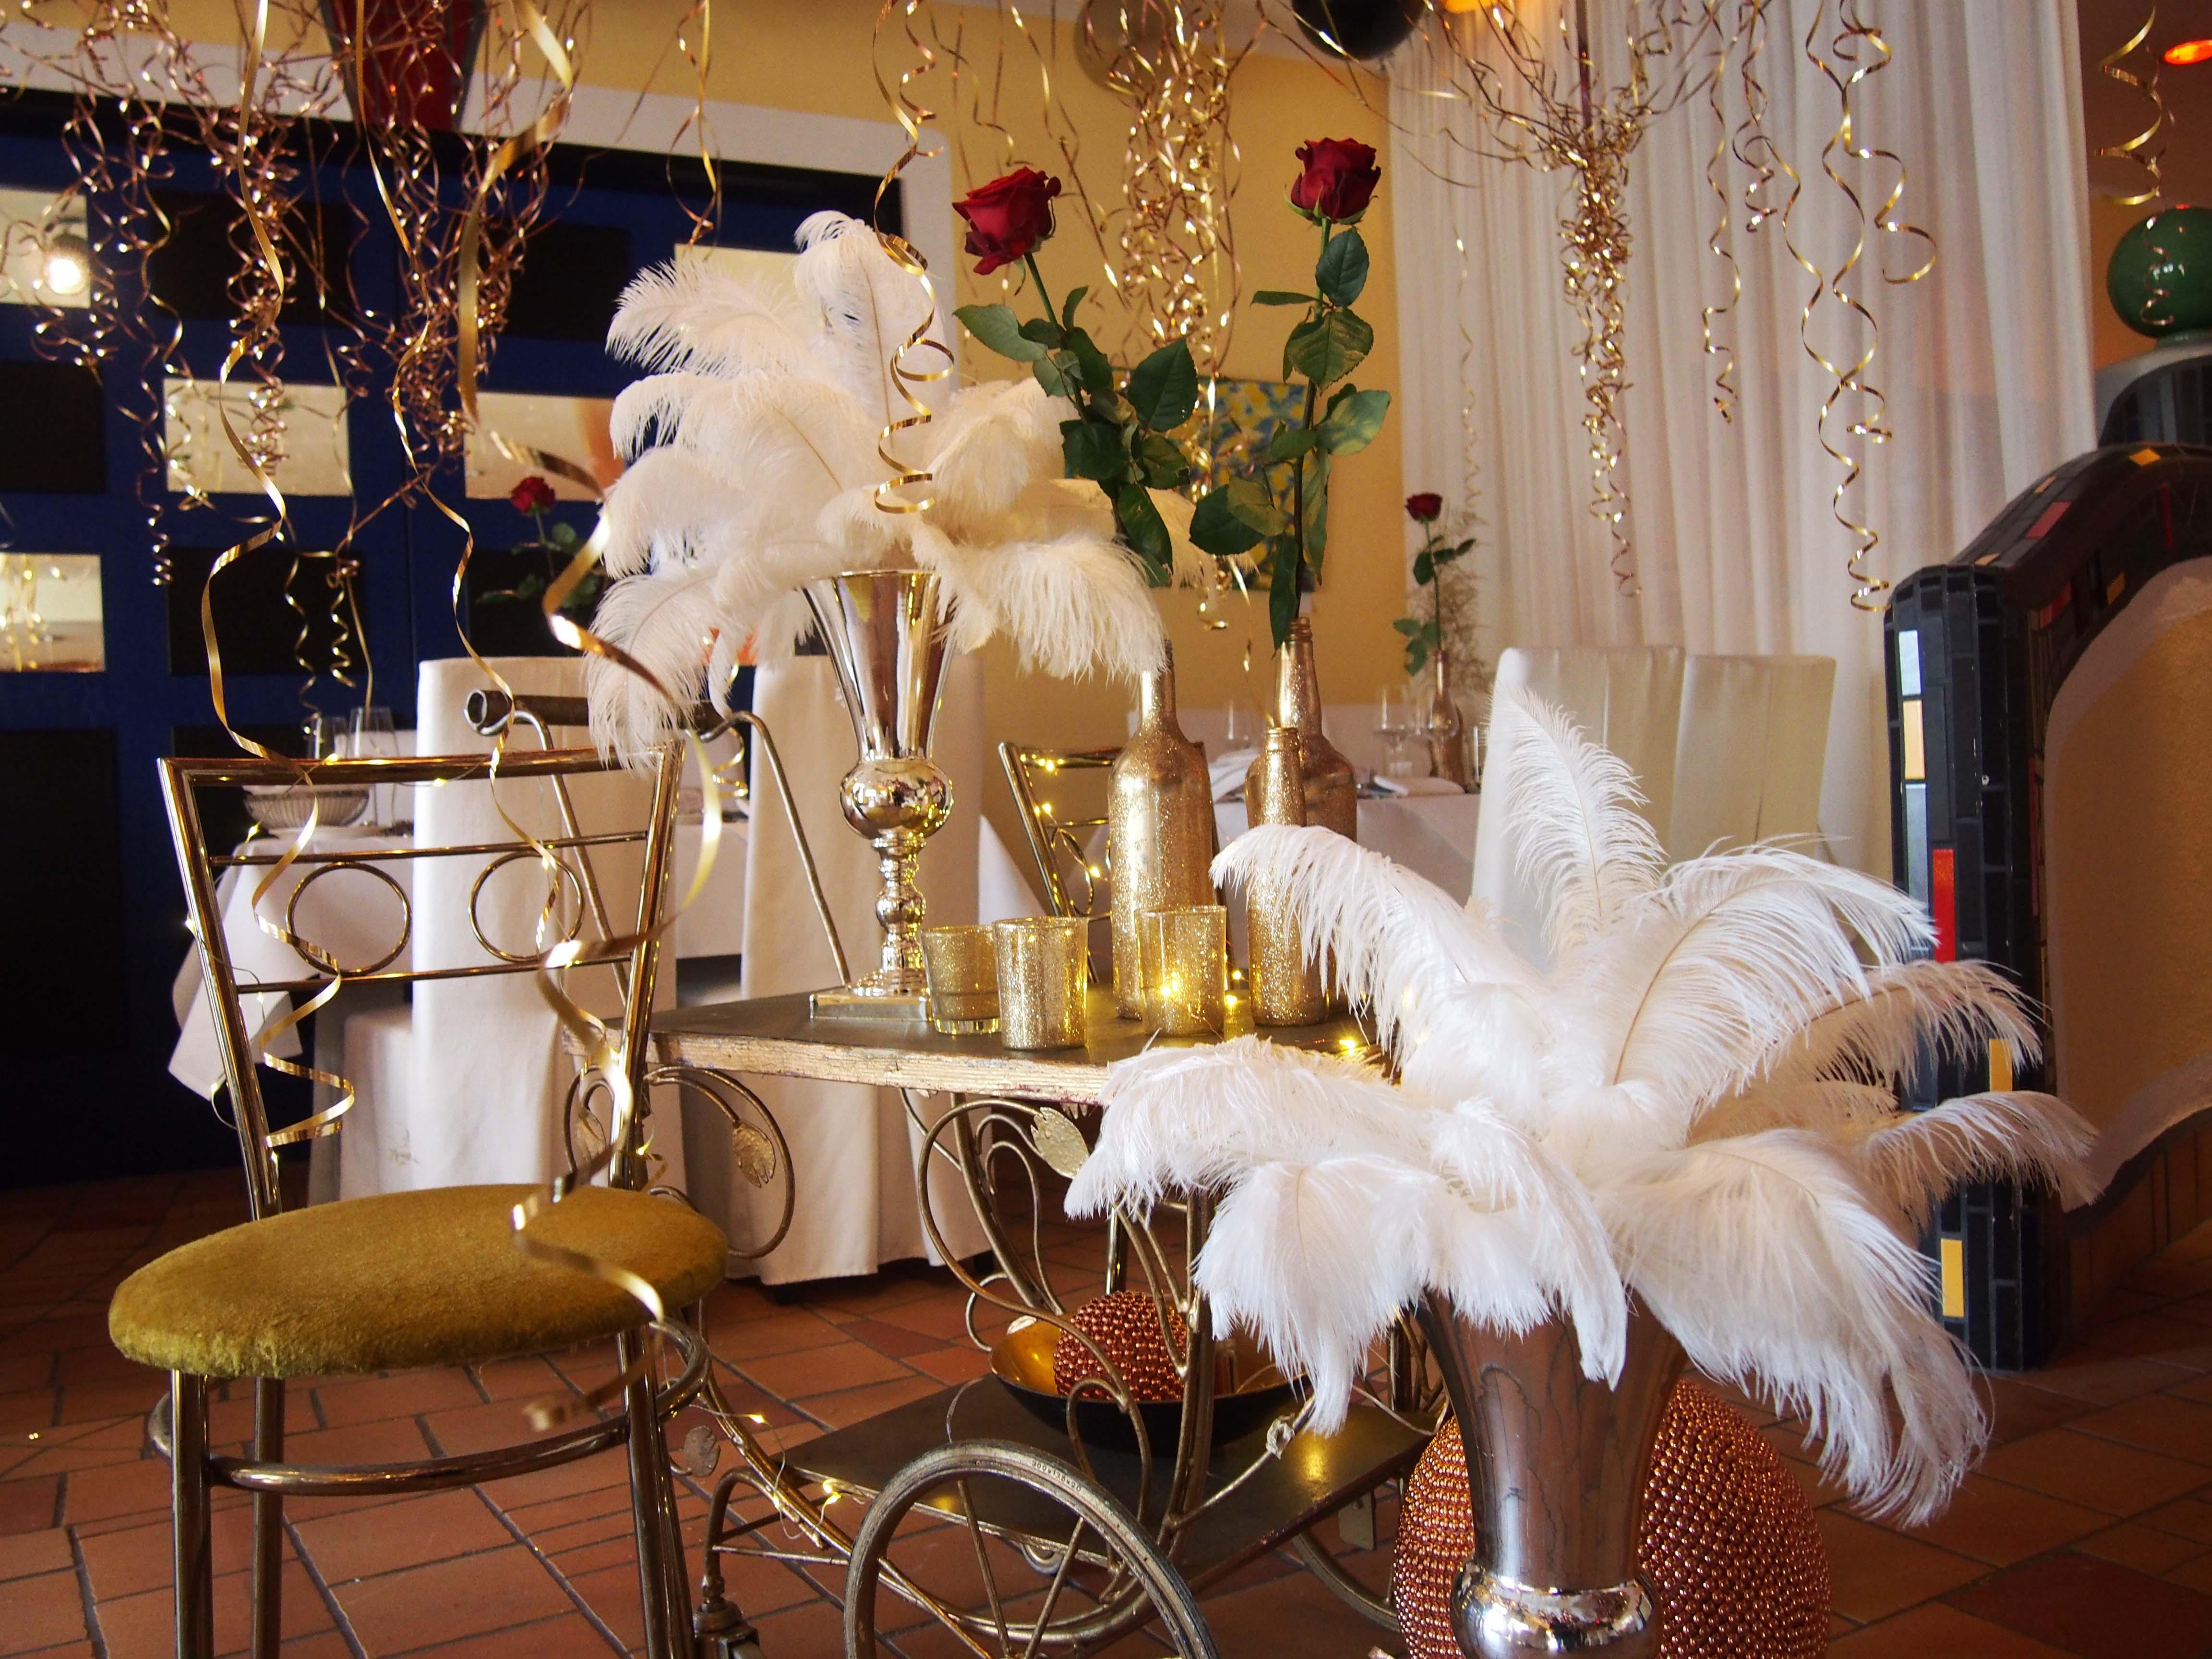 Silvestergala 2019 - Tanz der Eleganz ©Rogner Bad Blumau